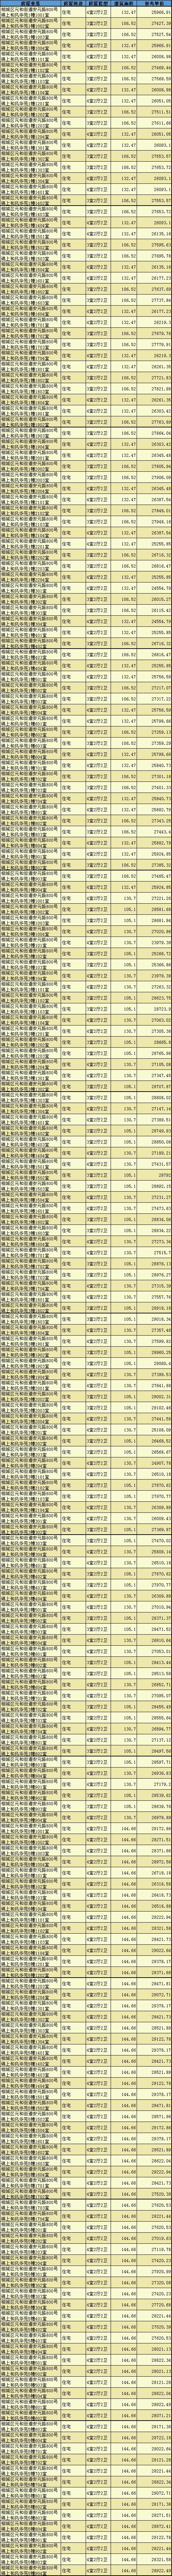 相城中央公园板块万科锦上和风华苑再次取证/212套精装高层,整体备案均价约27469元/㎡预计本周开盘(图9)